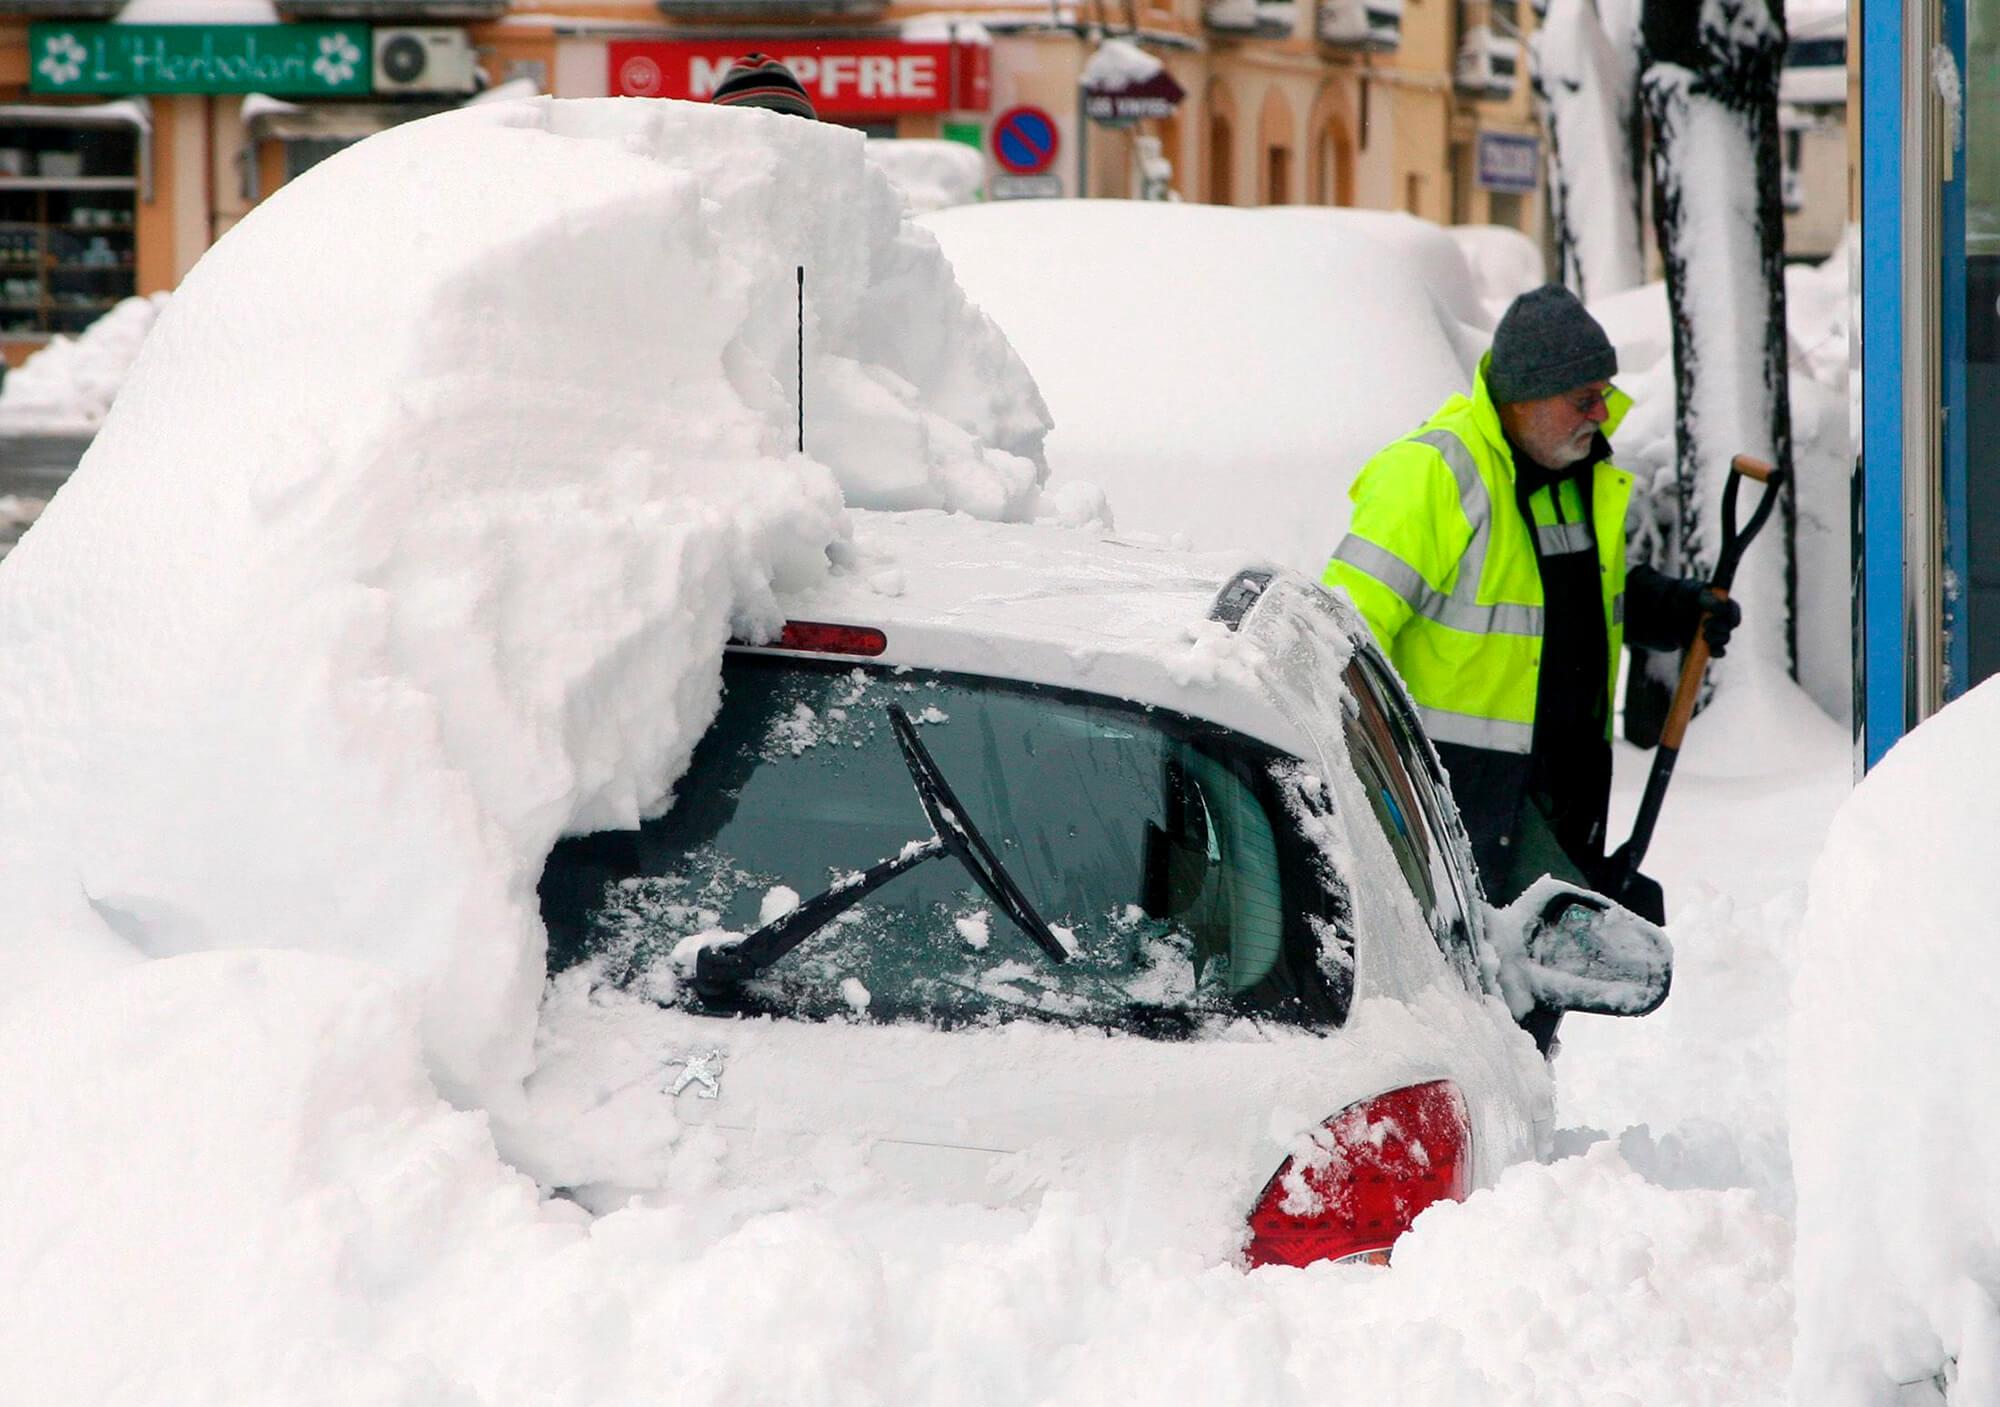 Cotxes coberts de neu en un carrer de Falset (Priorat).